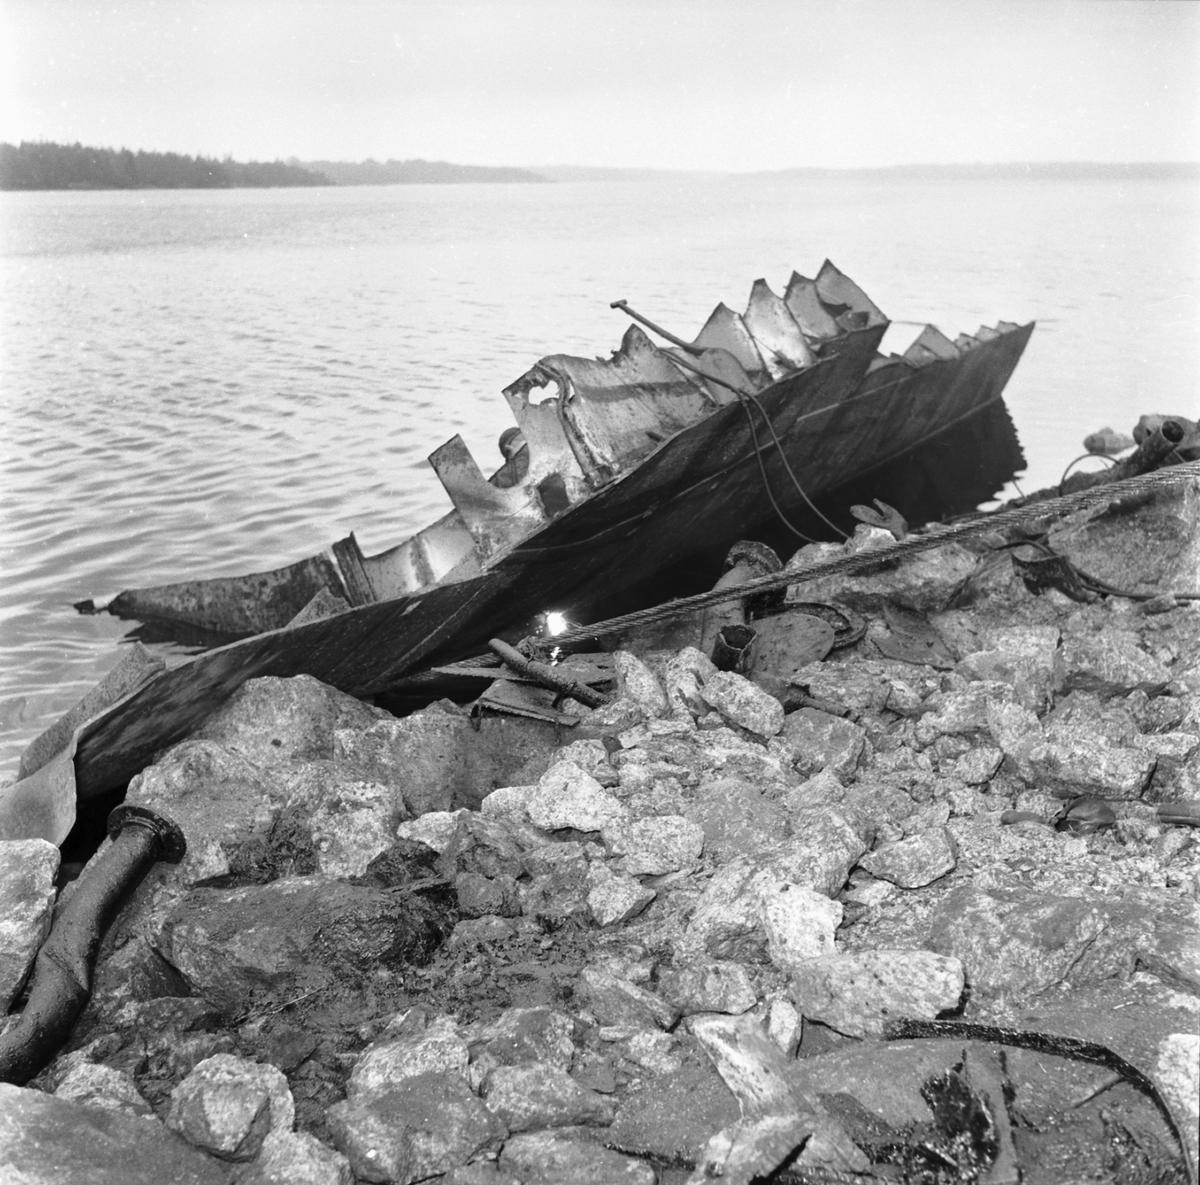 Fartyg: Sverige                         Rederi: Kungliga Flottan, Marinen Byggår: 1915 Varv: Götaverken, Göteborgs MV Övrigt: Pansarskeppet Sveriges skrotning(Ronneby9